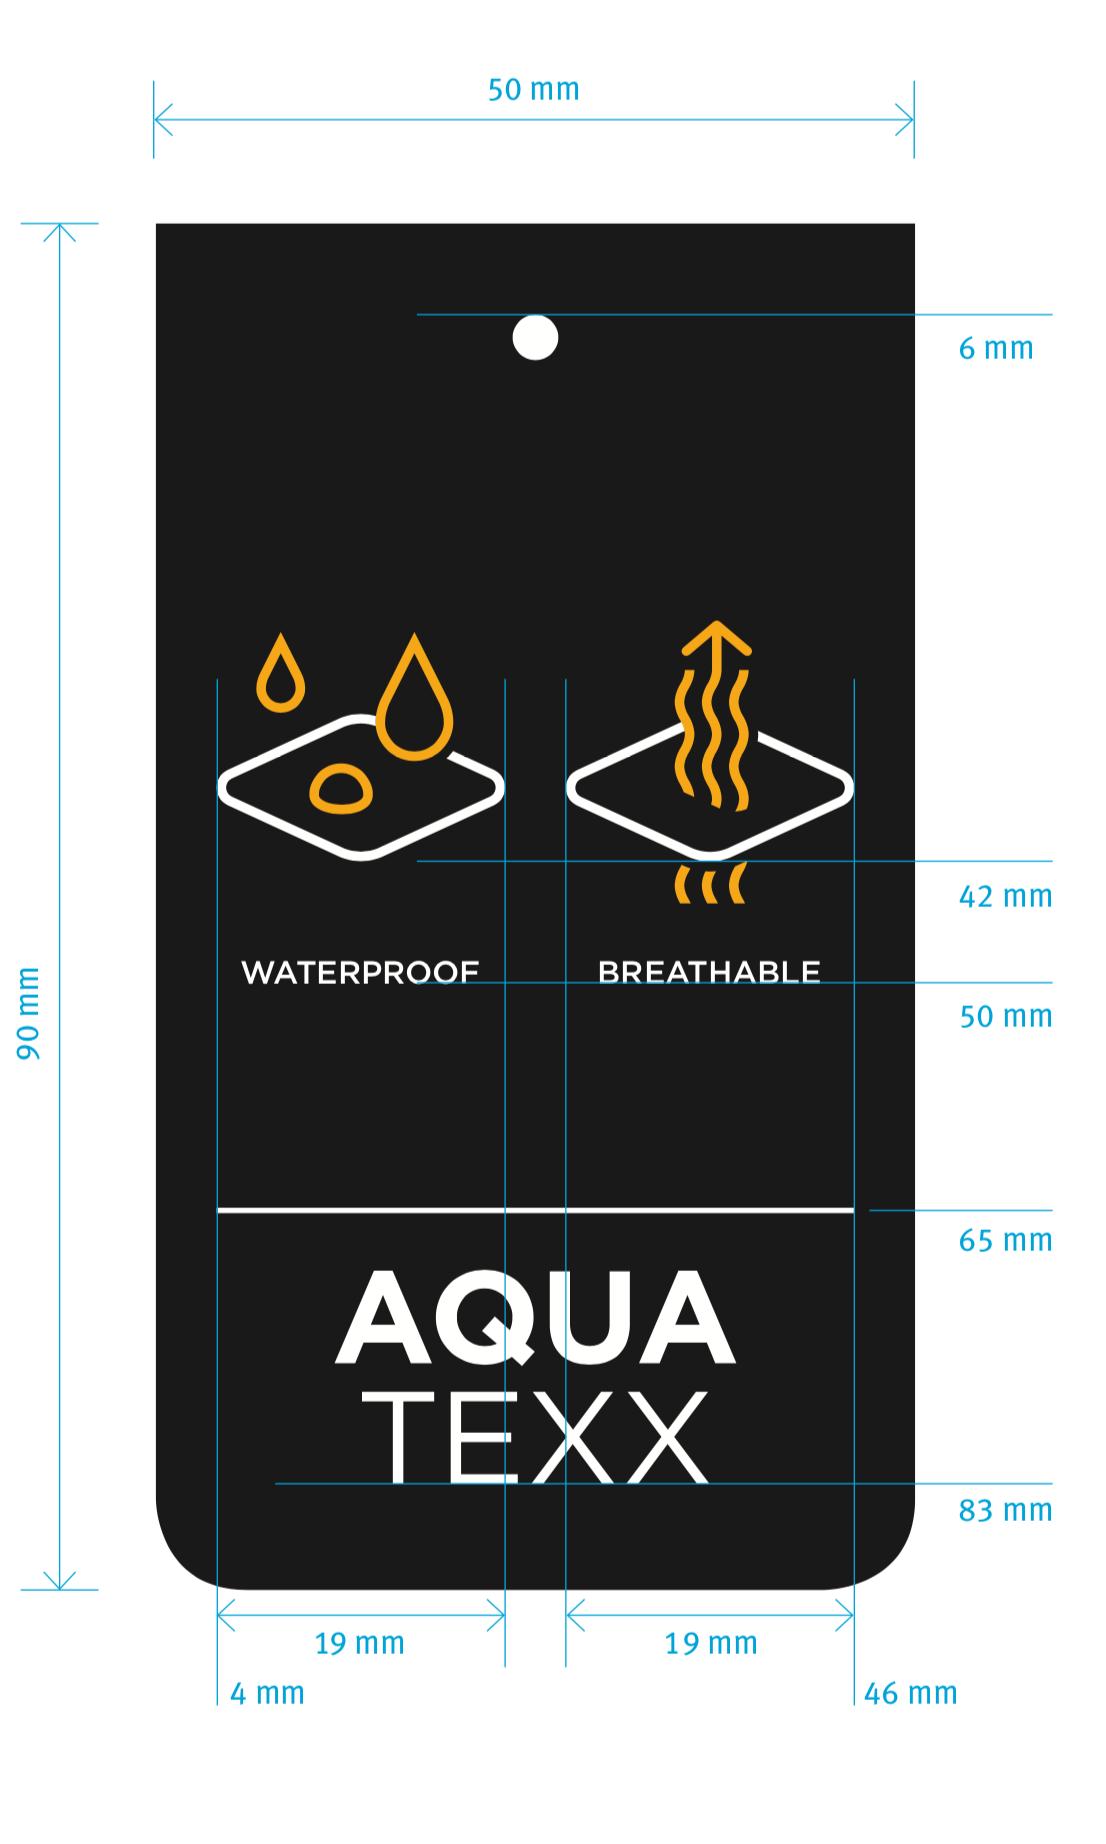 KW29  | Für SportXX gestalten wir im Moment eine umfangreiche Toolbox zur Kommunikation besonderer Funktionen von Textilien. Damit Sie immer schön trocken bleiben...